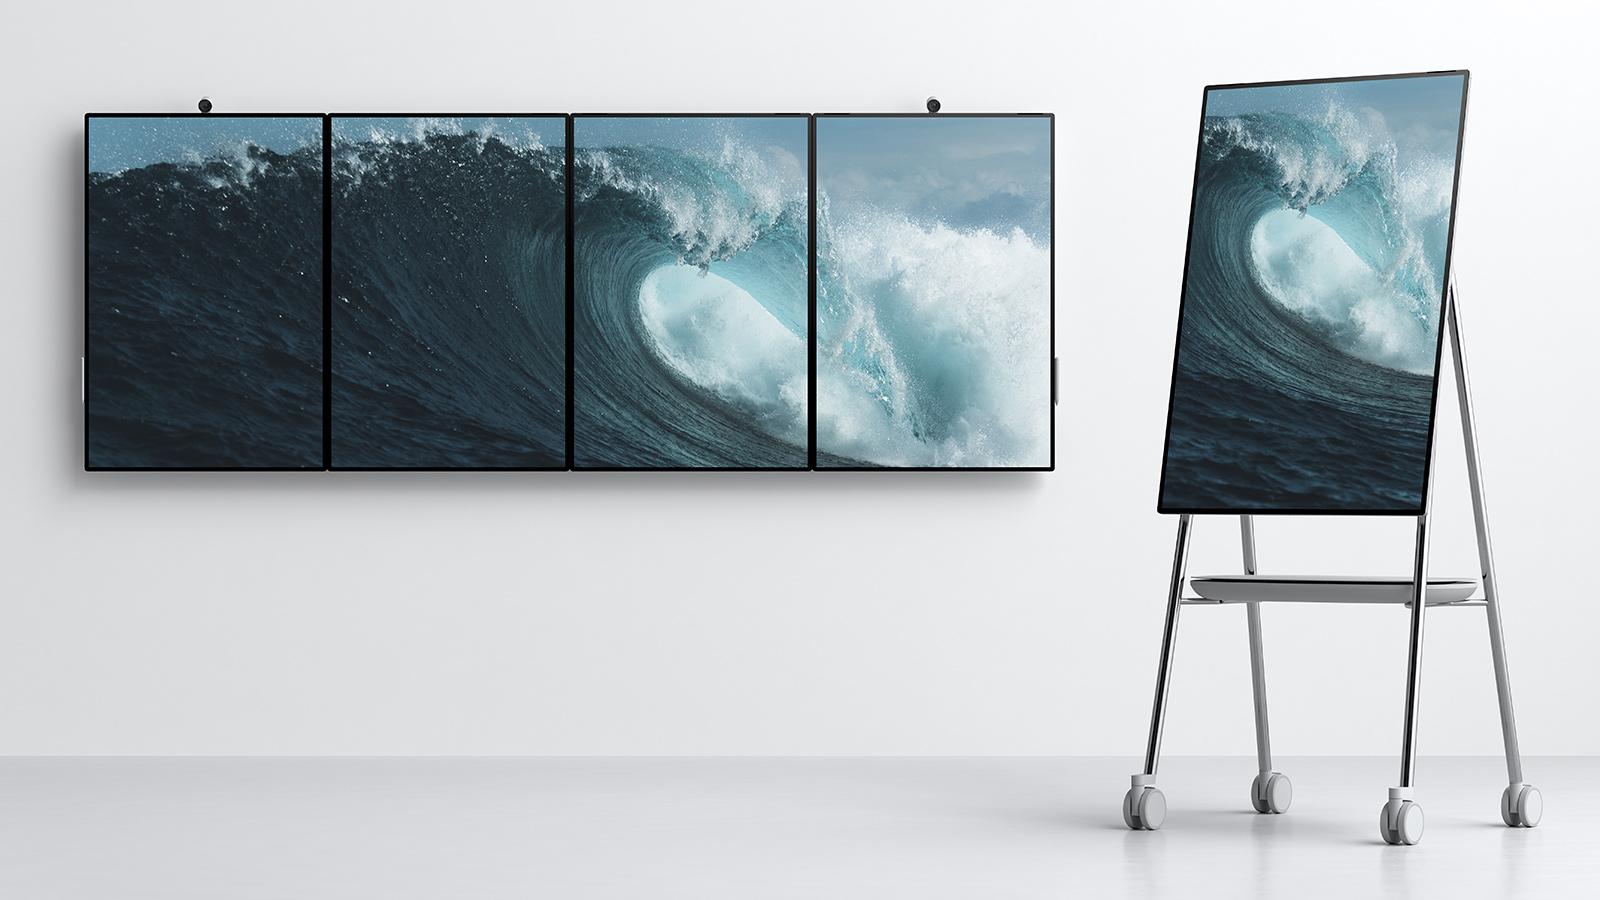 壁にタイル状につなげられた横向きの Surface Hub 2 が 4 台と、 Steelcase によるデザインのスタンドに載せられて縦向きに回転された Surface Hub 2 が 1 台